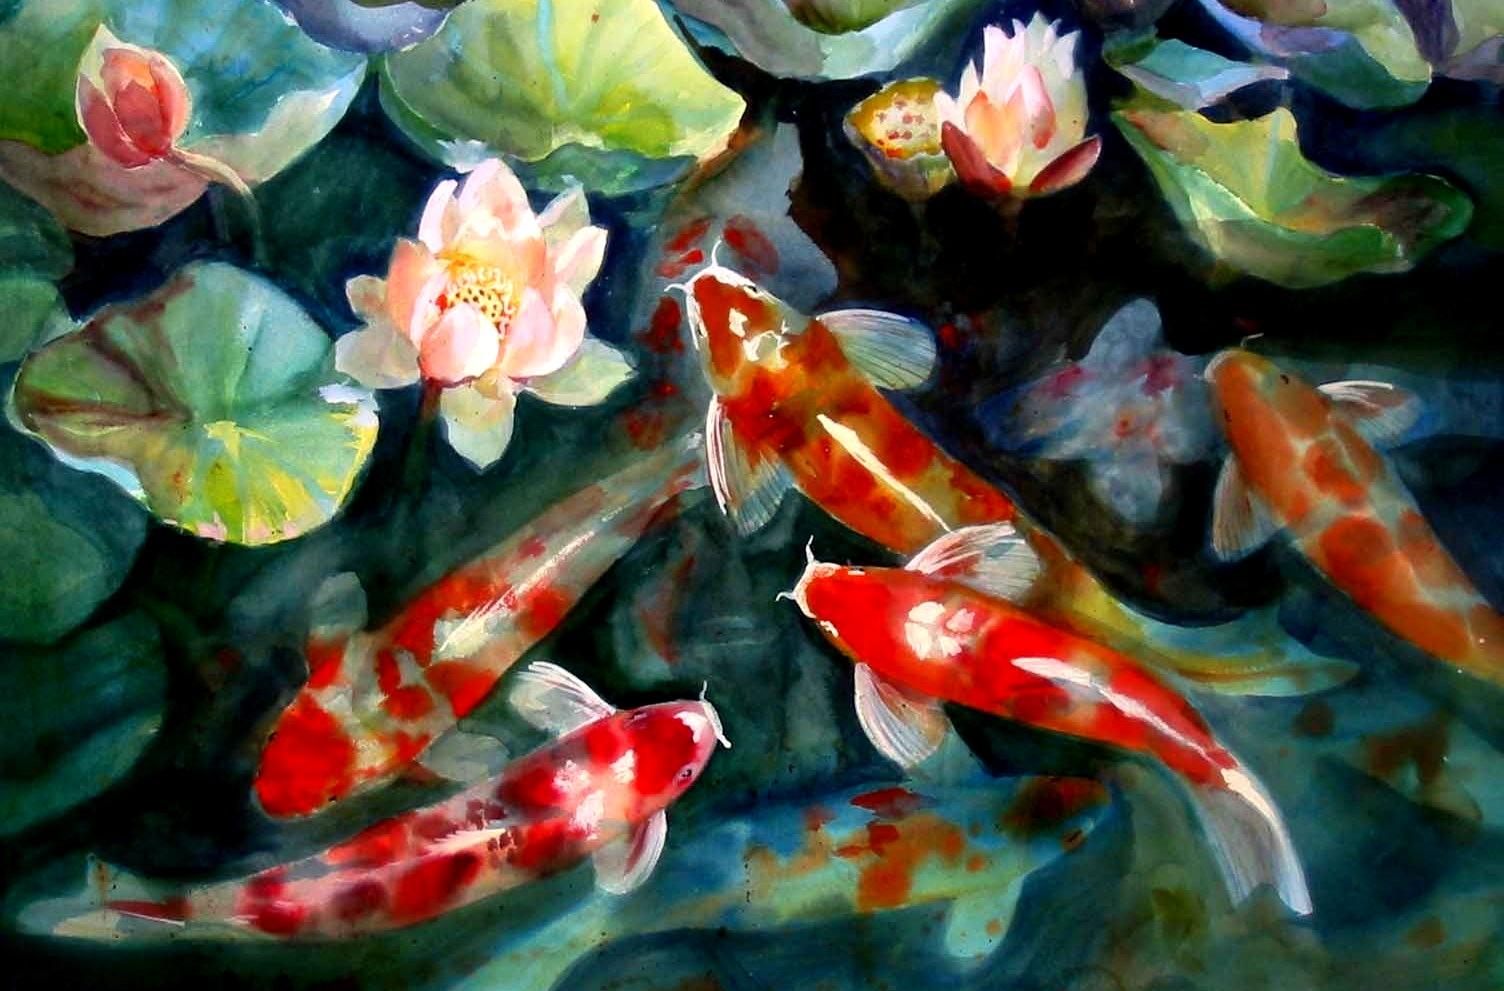 Free Download Water Fish Pond Koi Artwork Lotus Flower Watercolor Art Hd Wallpaper 1504x991 For Your Desktop Mobile Tablet Explore 71 Koi Fish Wallpaper Koi Pond Wallpaper Aquarium Live